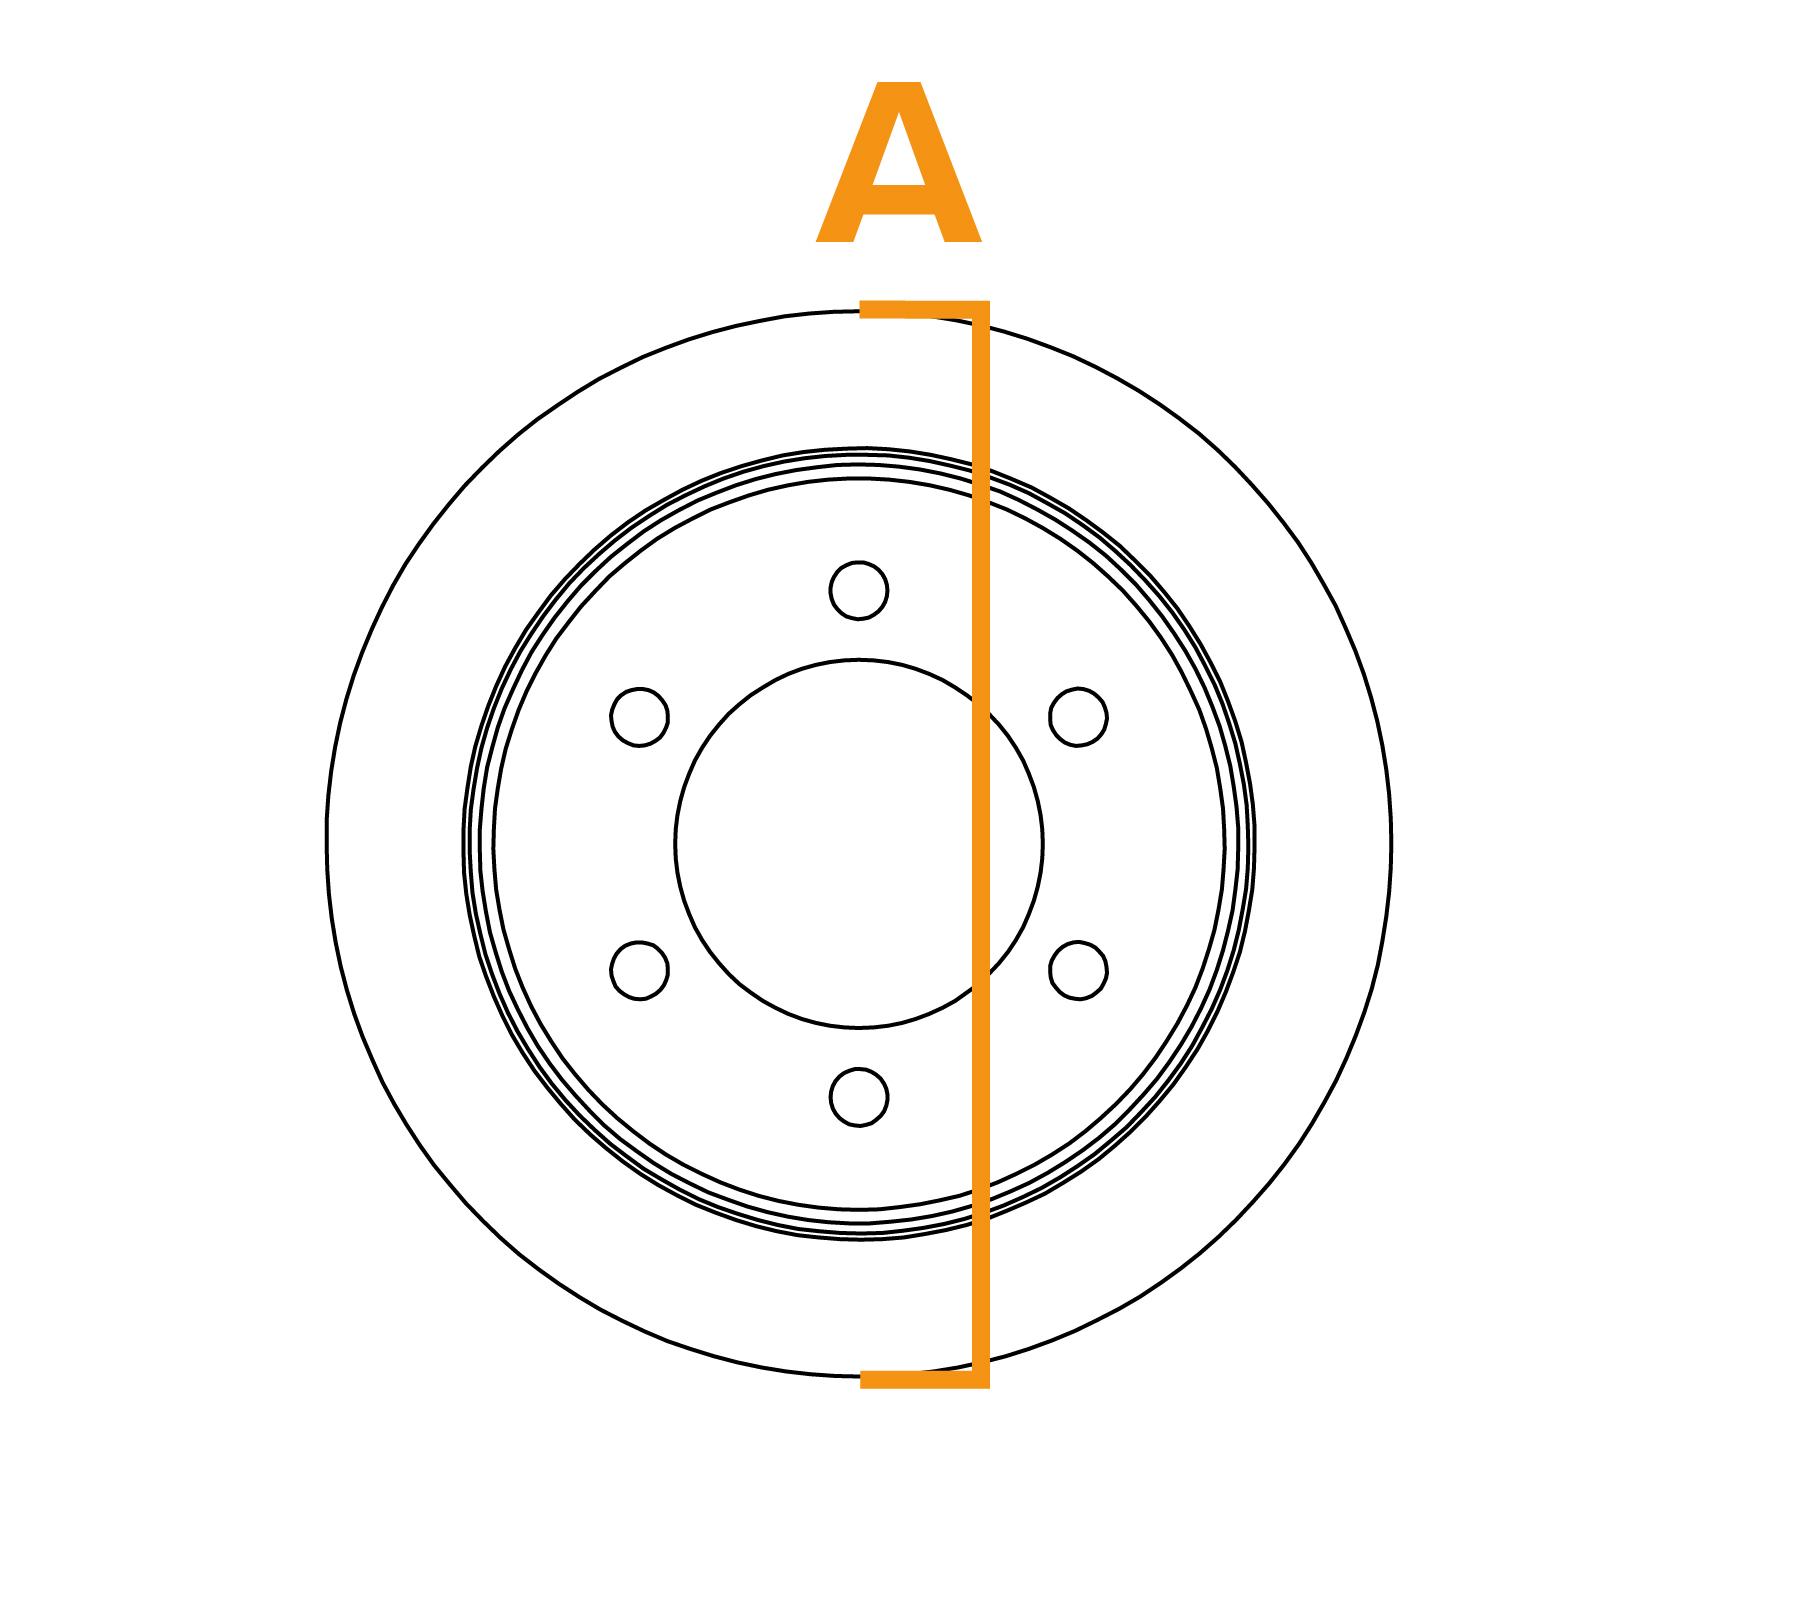 Ringborstel met platte draadflens - Schema A